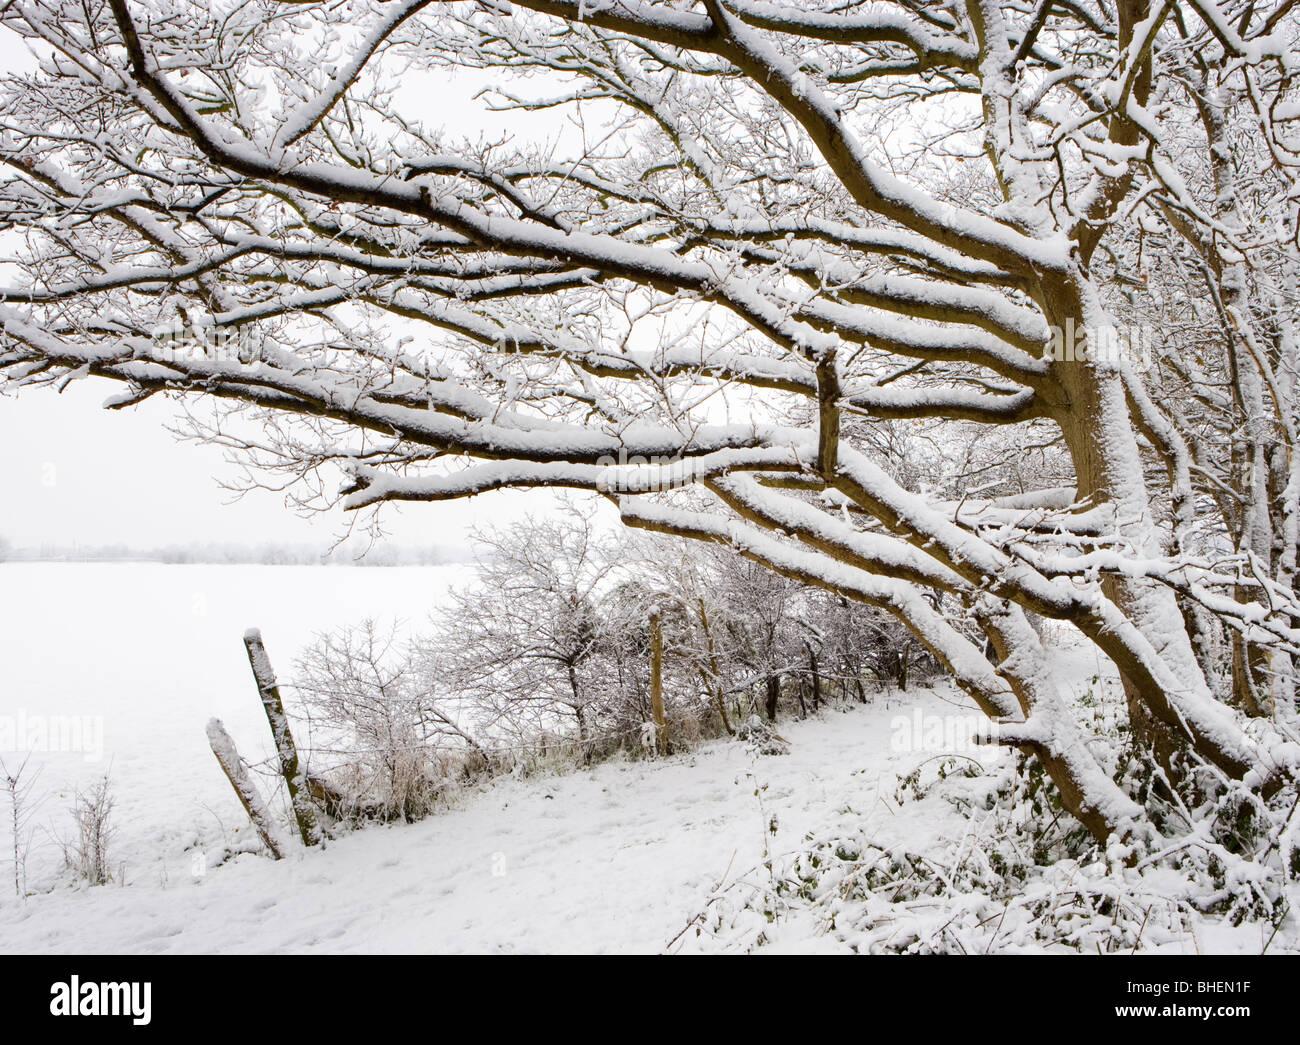 Winter Scenes Uk Stock Photos & Winter Scenes Uk Stock